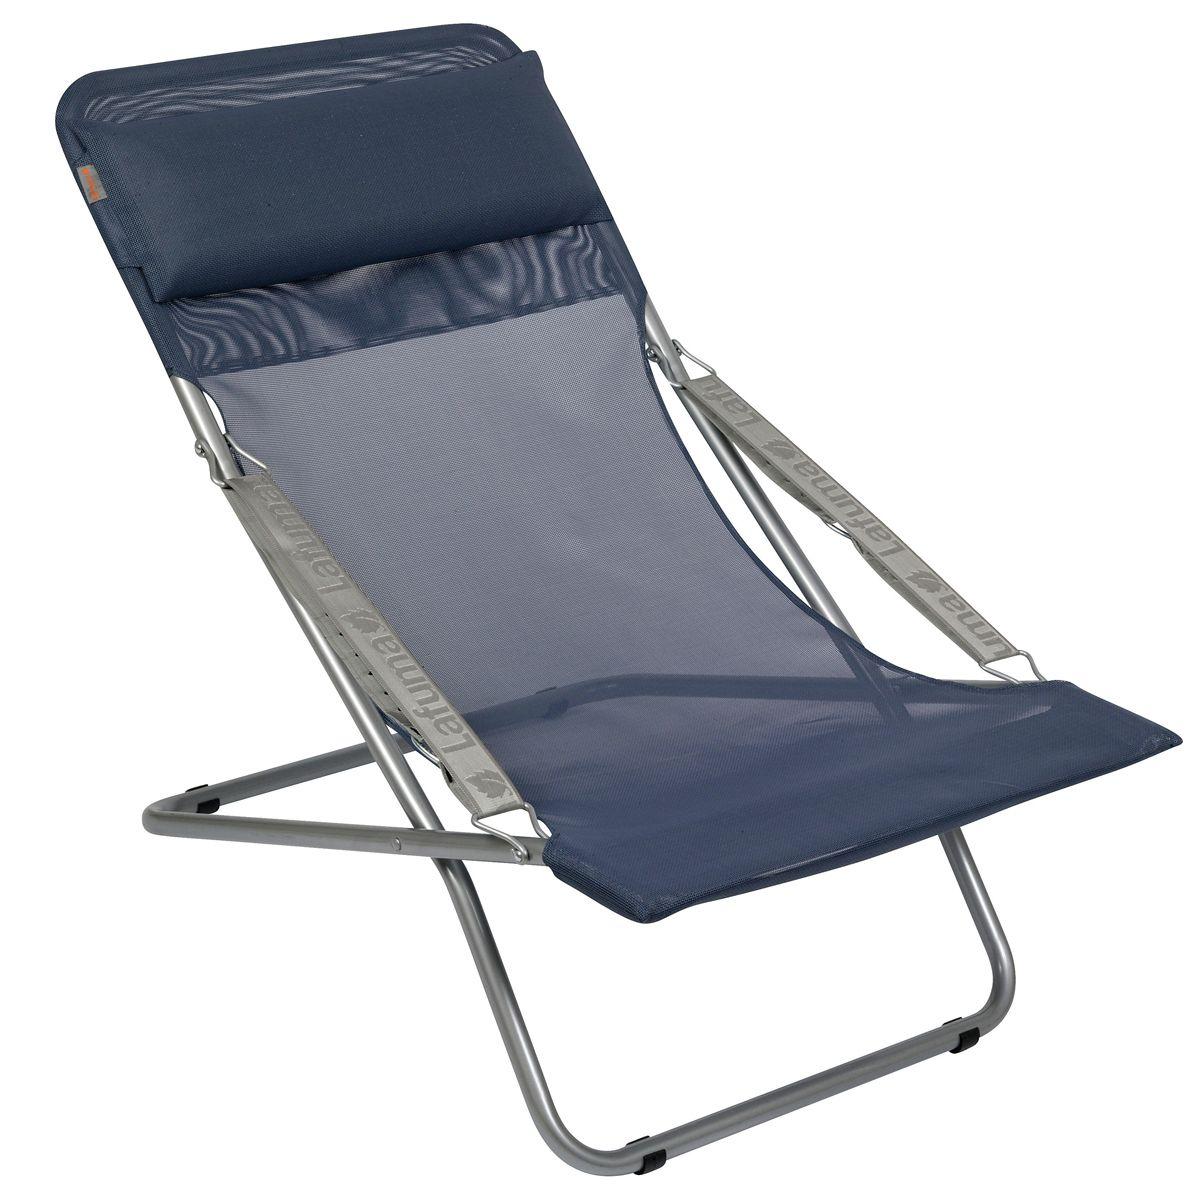 Klapp Liege Stuhl Klapp Liege Stuhl Verschaffen Sie Sich Eine